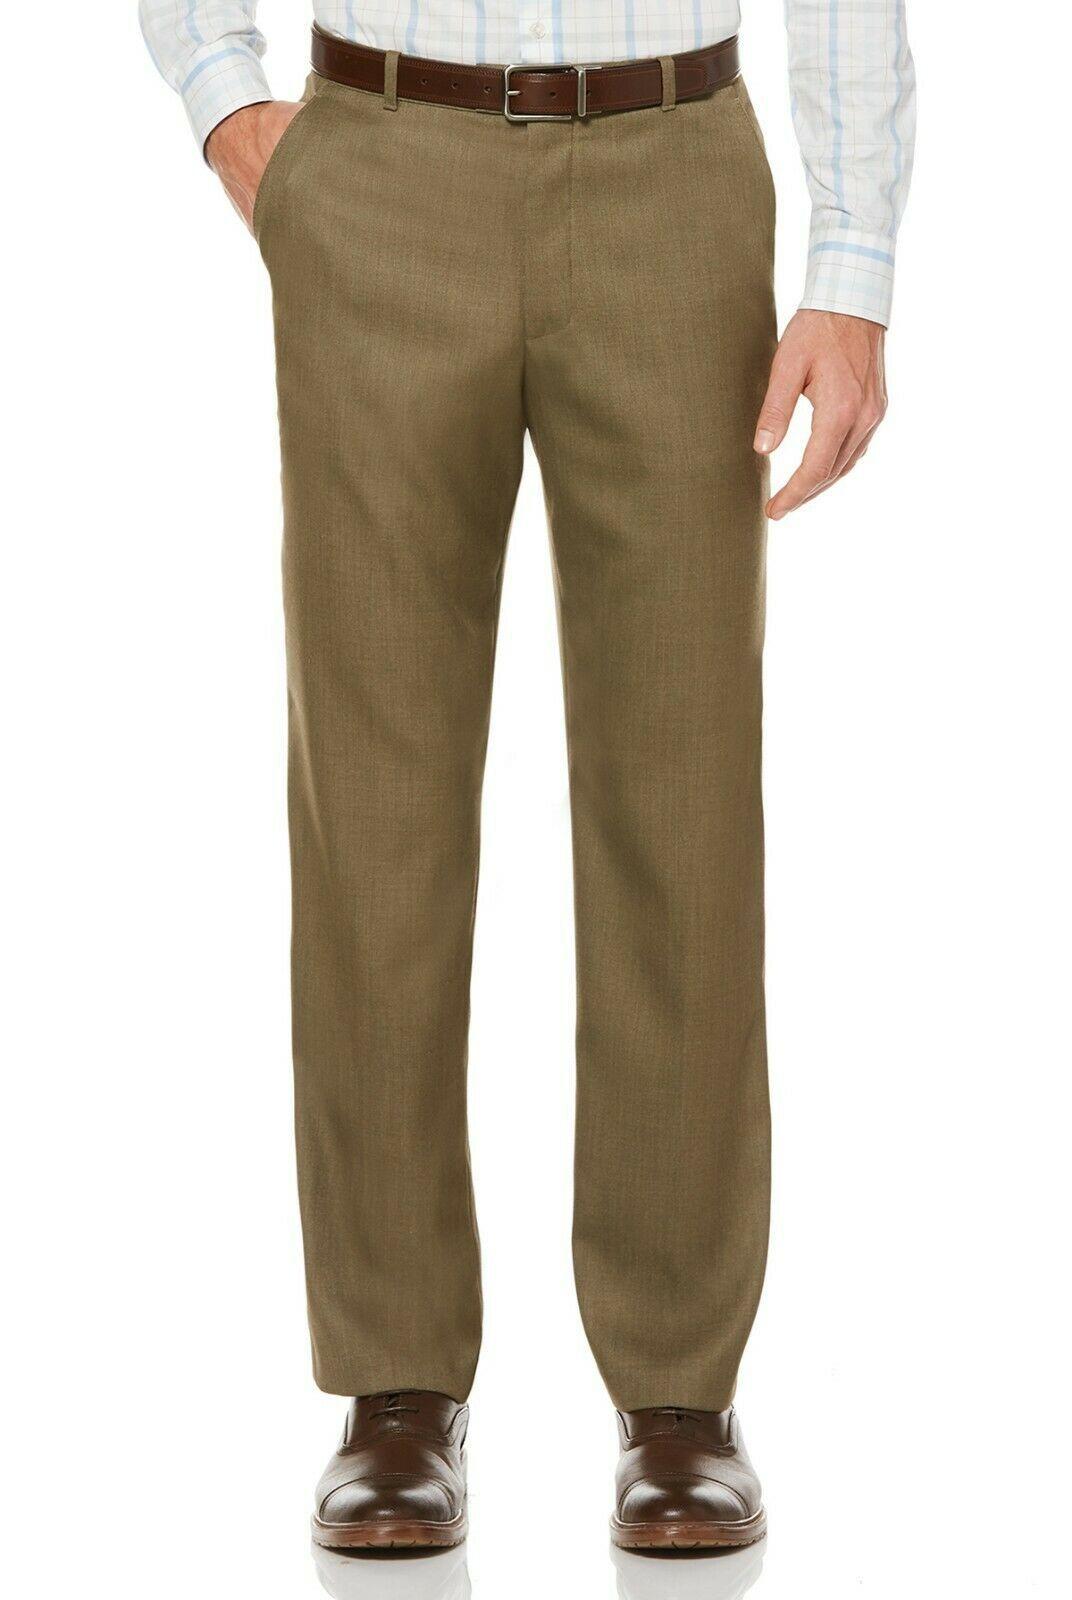 NEW PERRY ELLIS TRAVEL LUXE NON IRON COMFORT WAIST SHARKSKIN DRESS PANTS 34 x 30